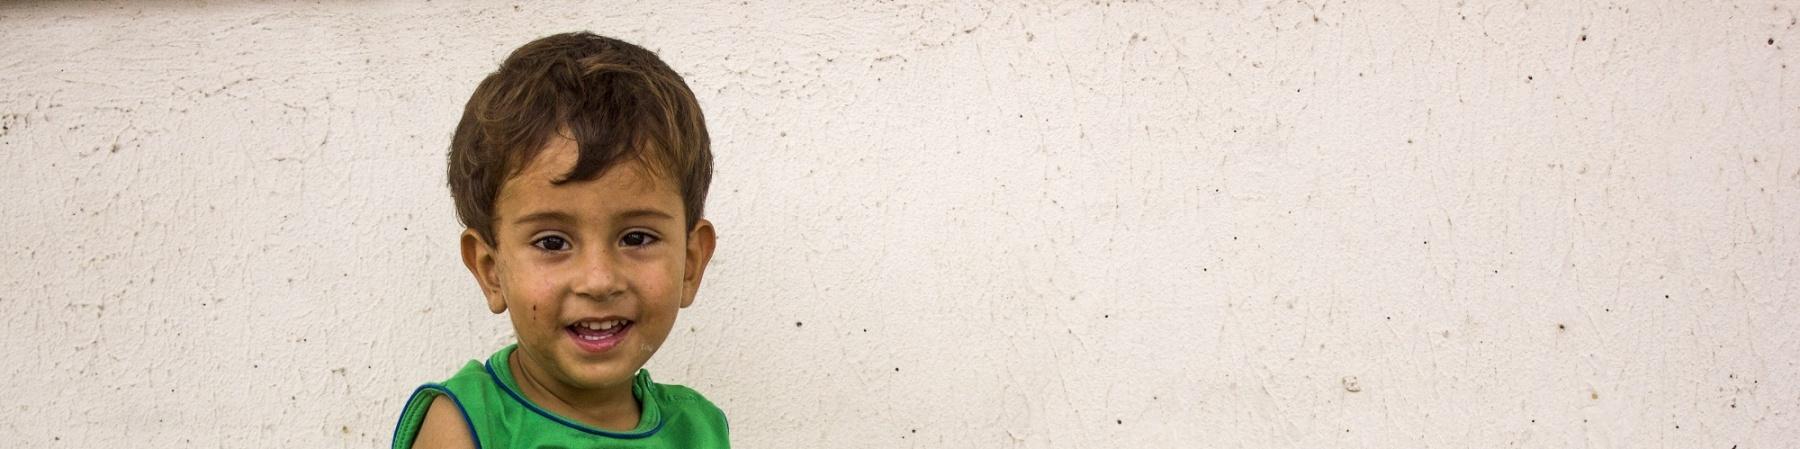 bimbo seduto a terra con le gambine aperte poggiato a un muro, vestito con maglietta verde e pantaloncino blu